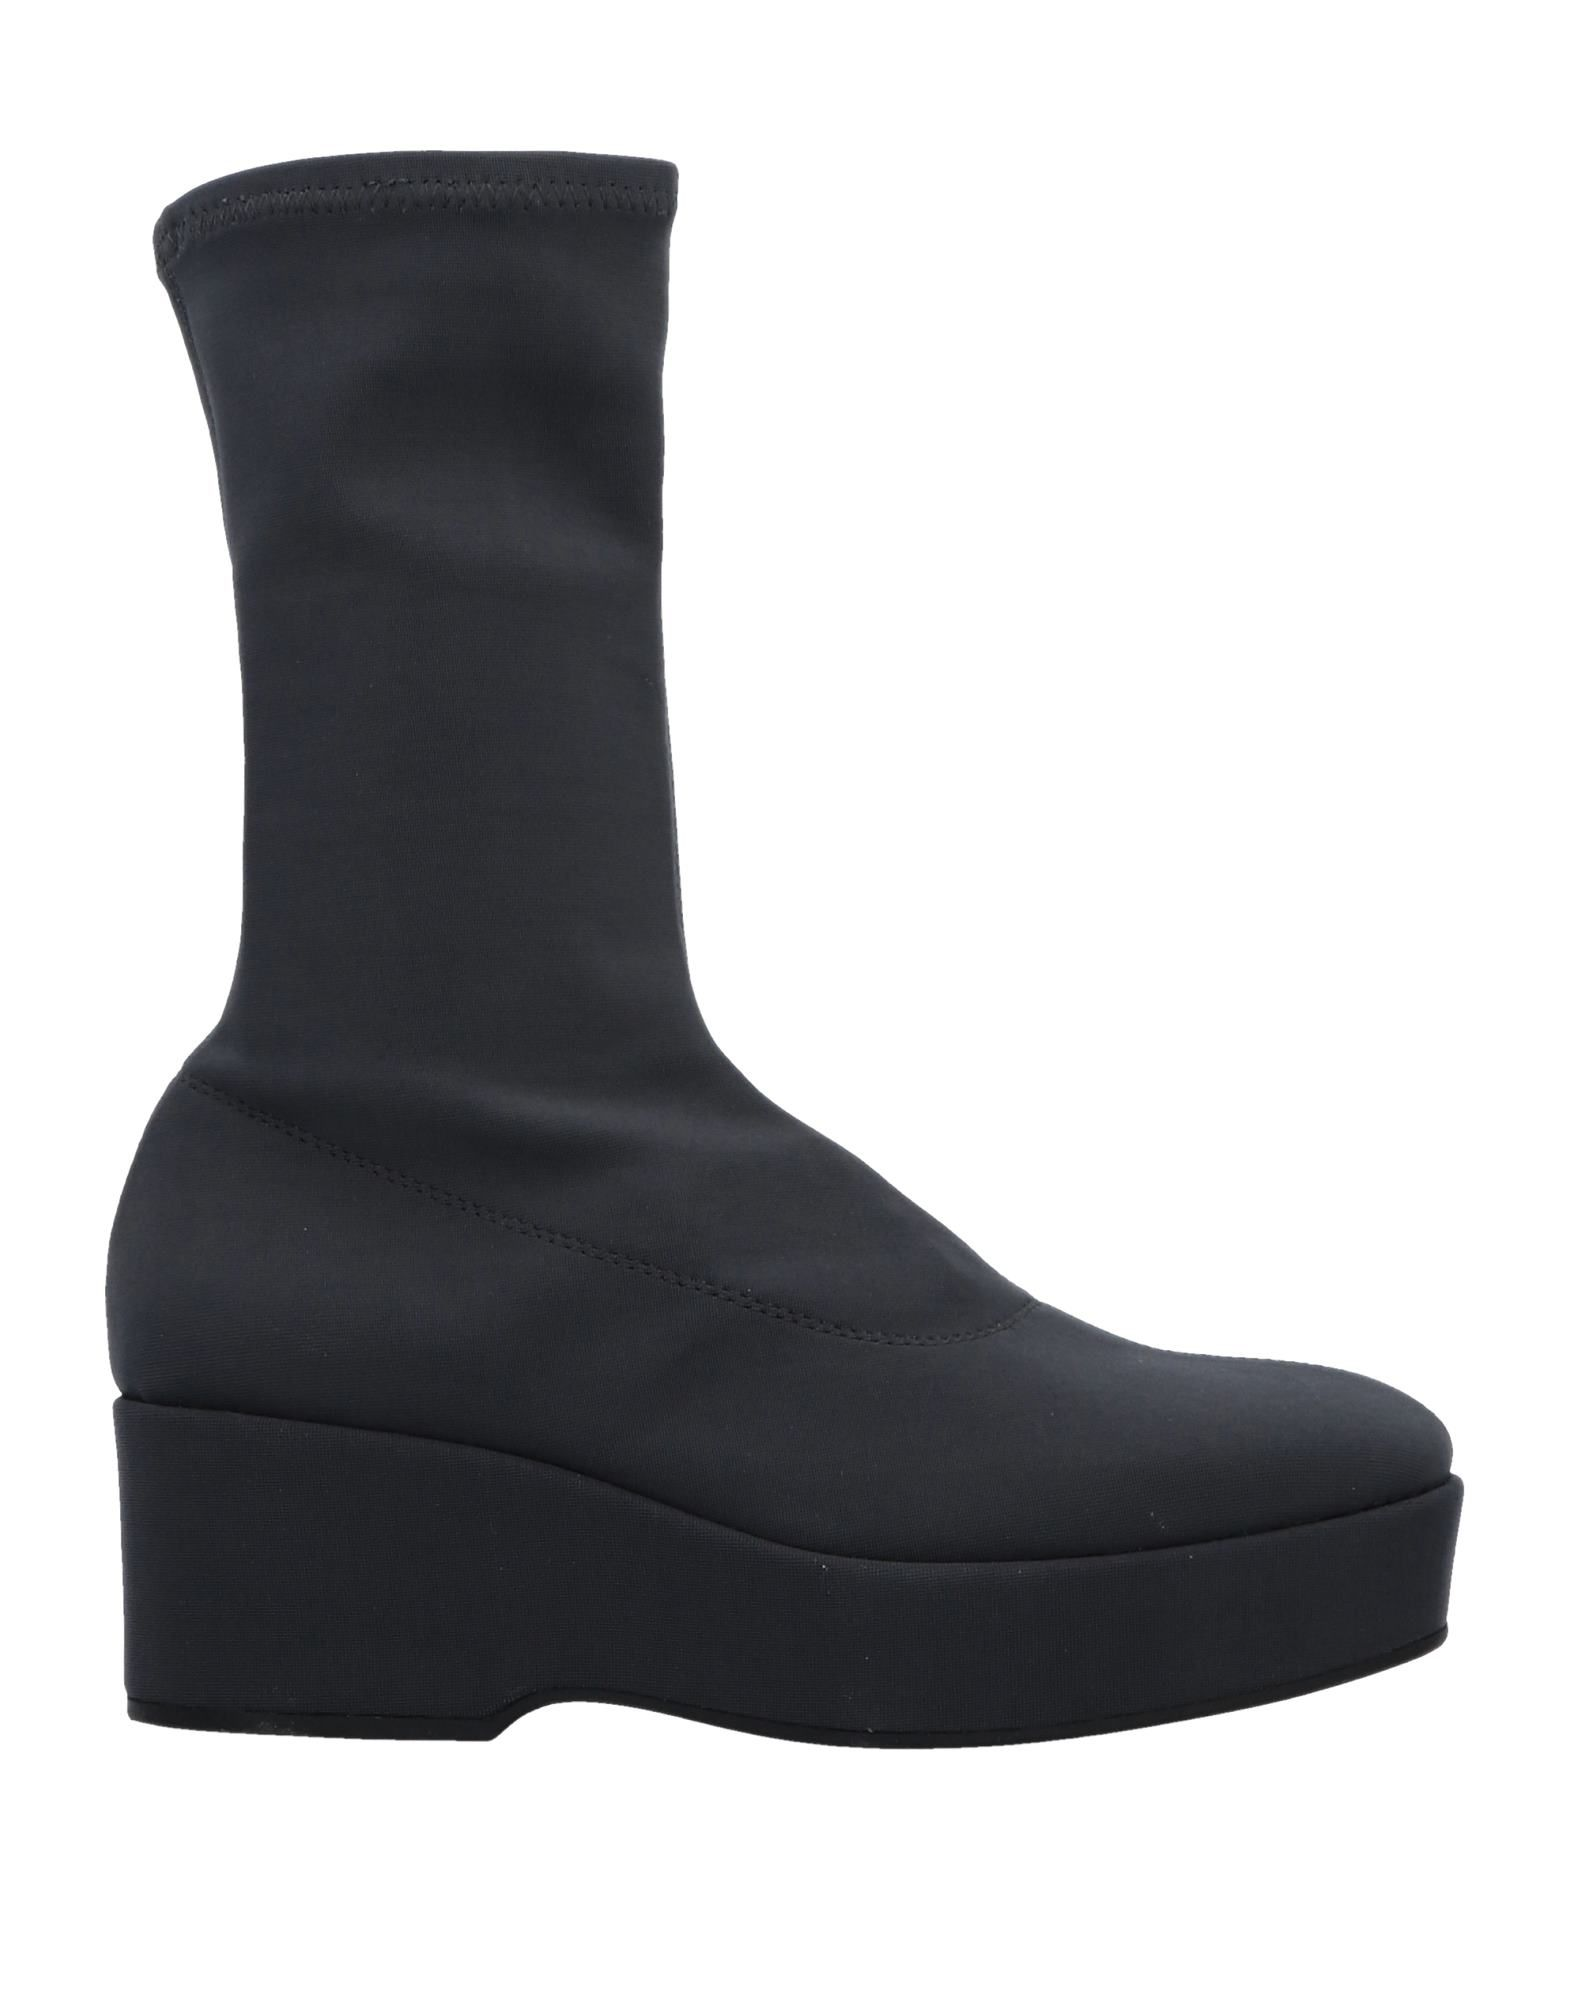 Vagabond Shoemakers Stiefelette Damen  11512851TH Gute Qualität beliebte Schuhe